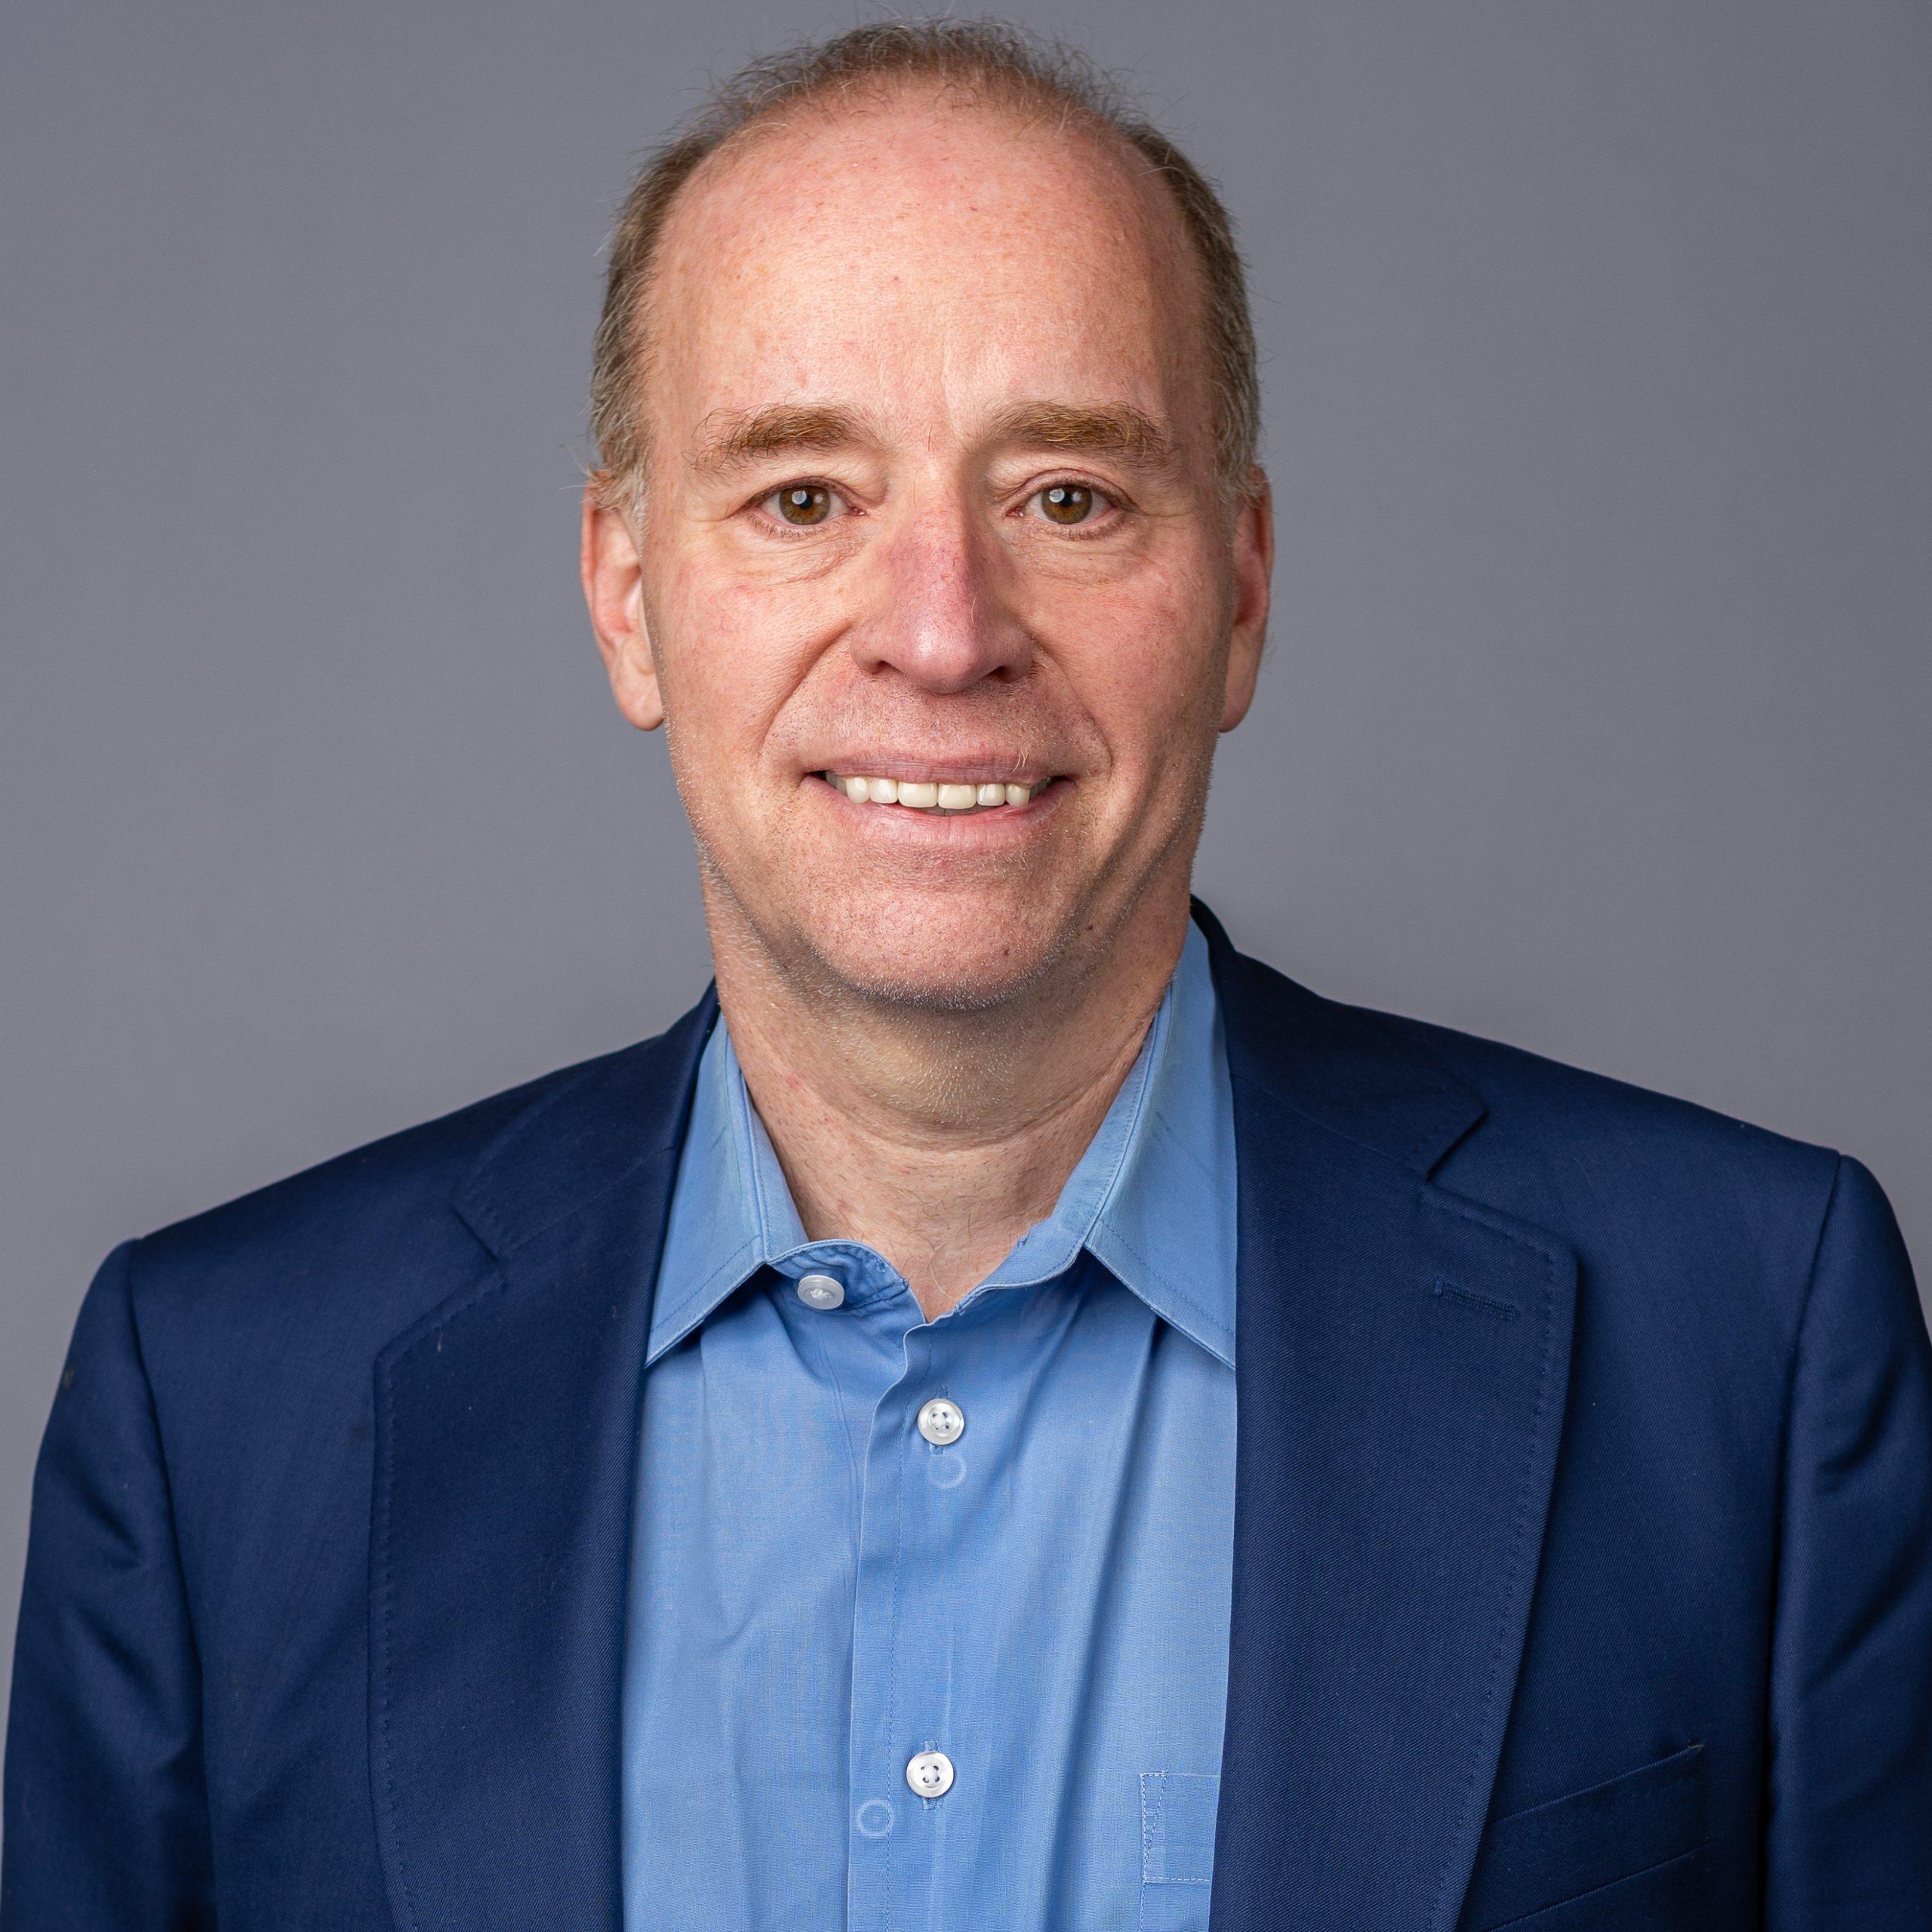 Marc Hoberman